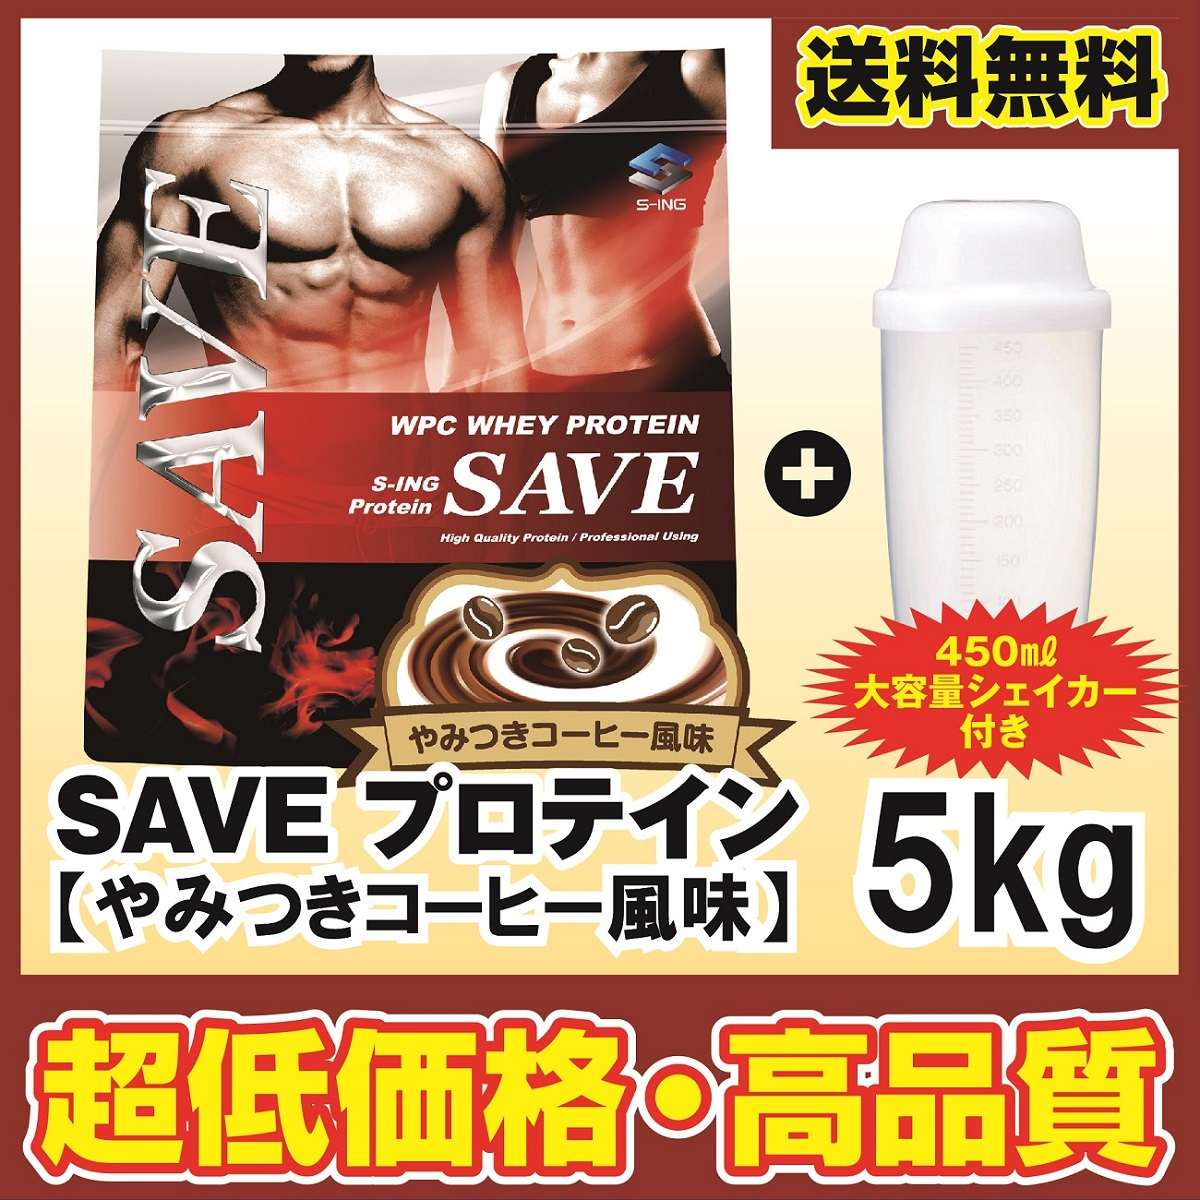 ホエイプロテイン 【送料無料】 【シェイカー付】SAVE プロテイン やみつきコーヒー風味 5kg 美味しいWPC 乳酸菌・バイオペリン・エンザミン酵素配合